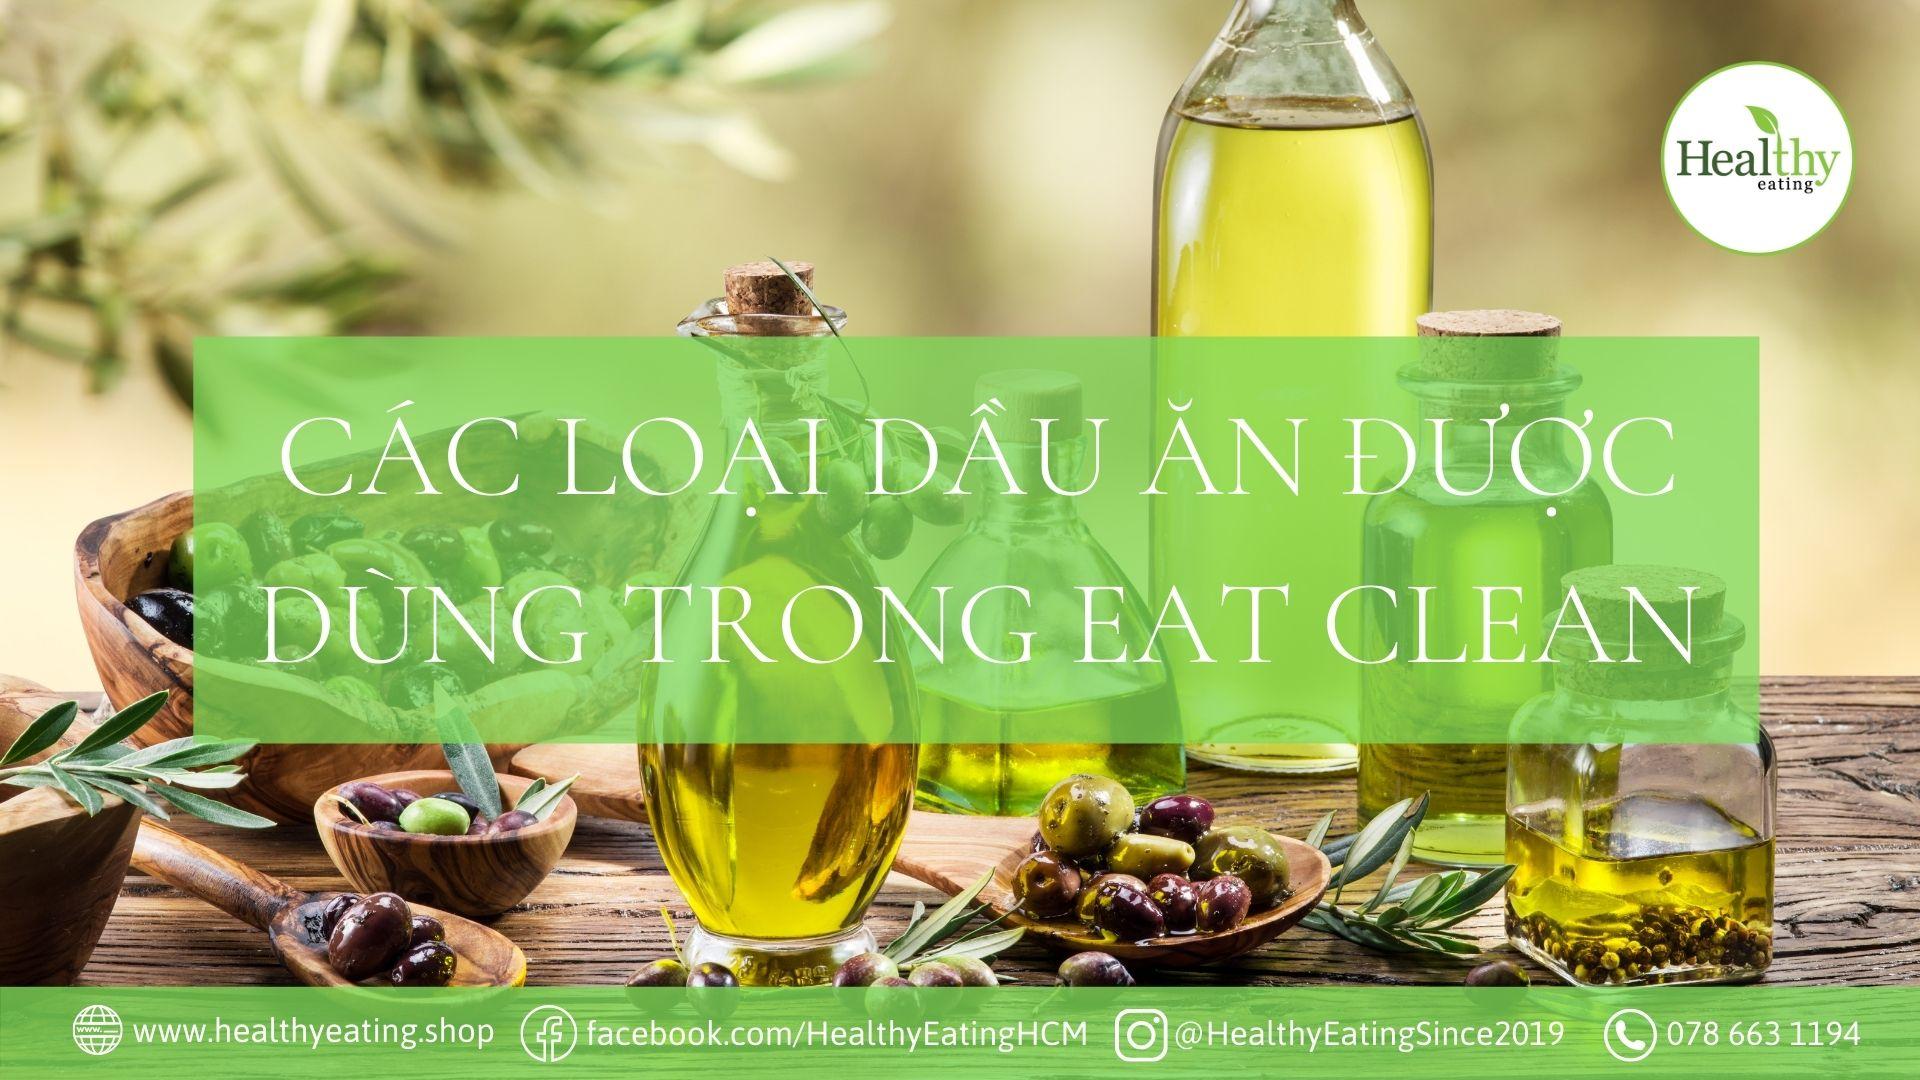 eat-clean-nen-an-gi